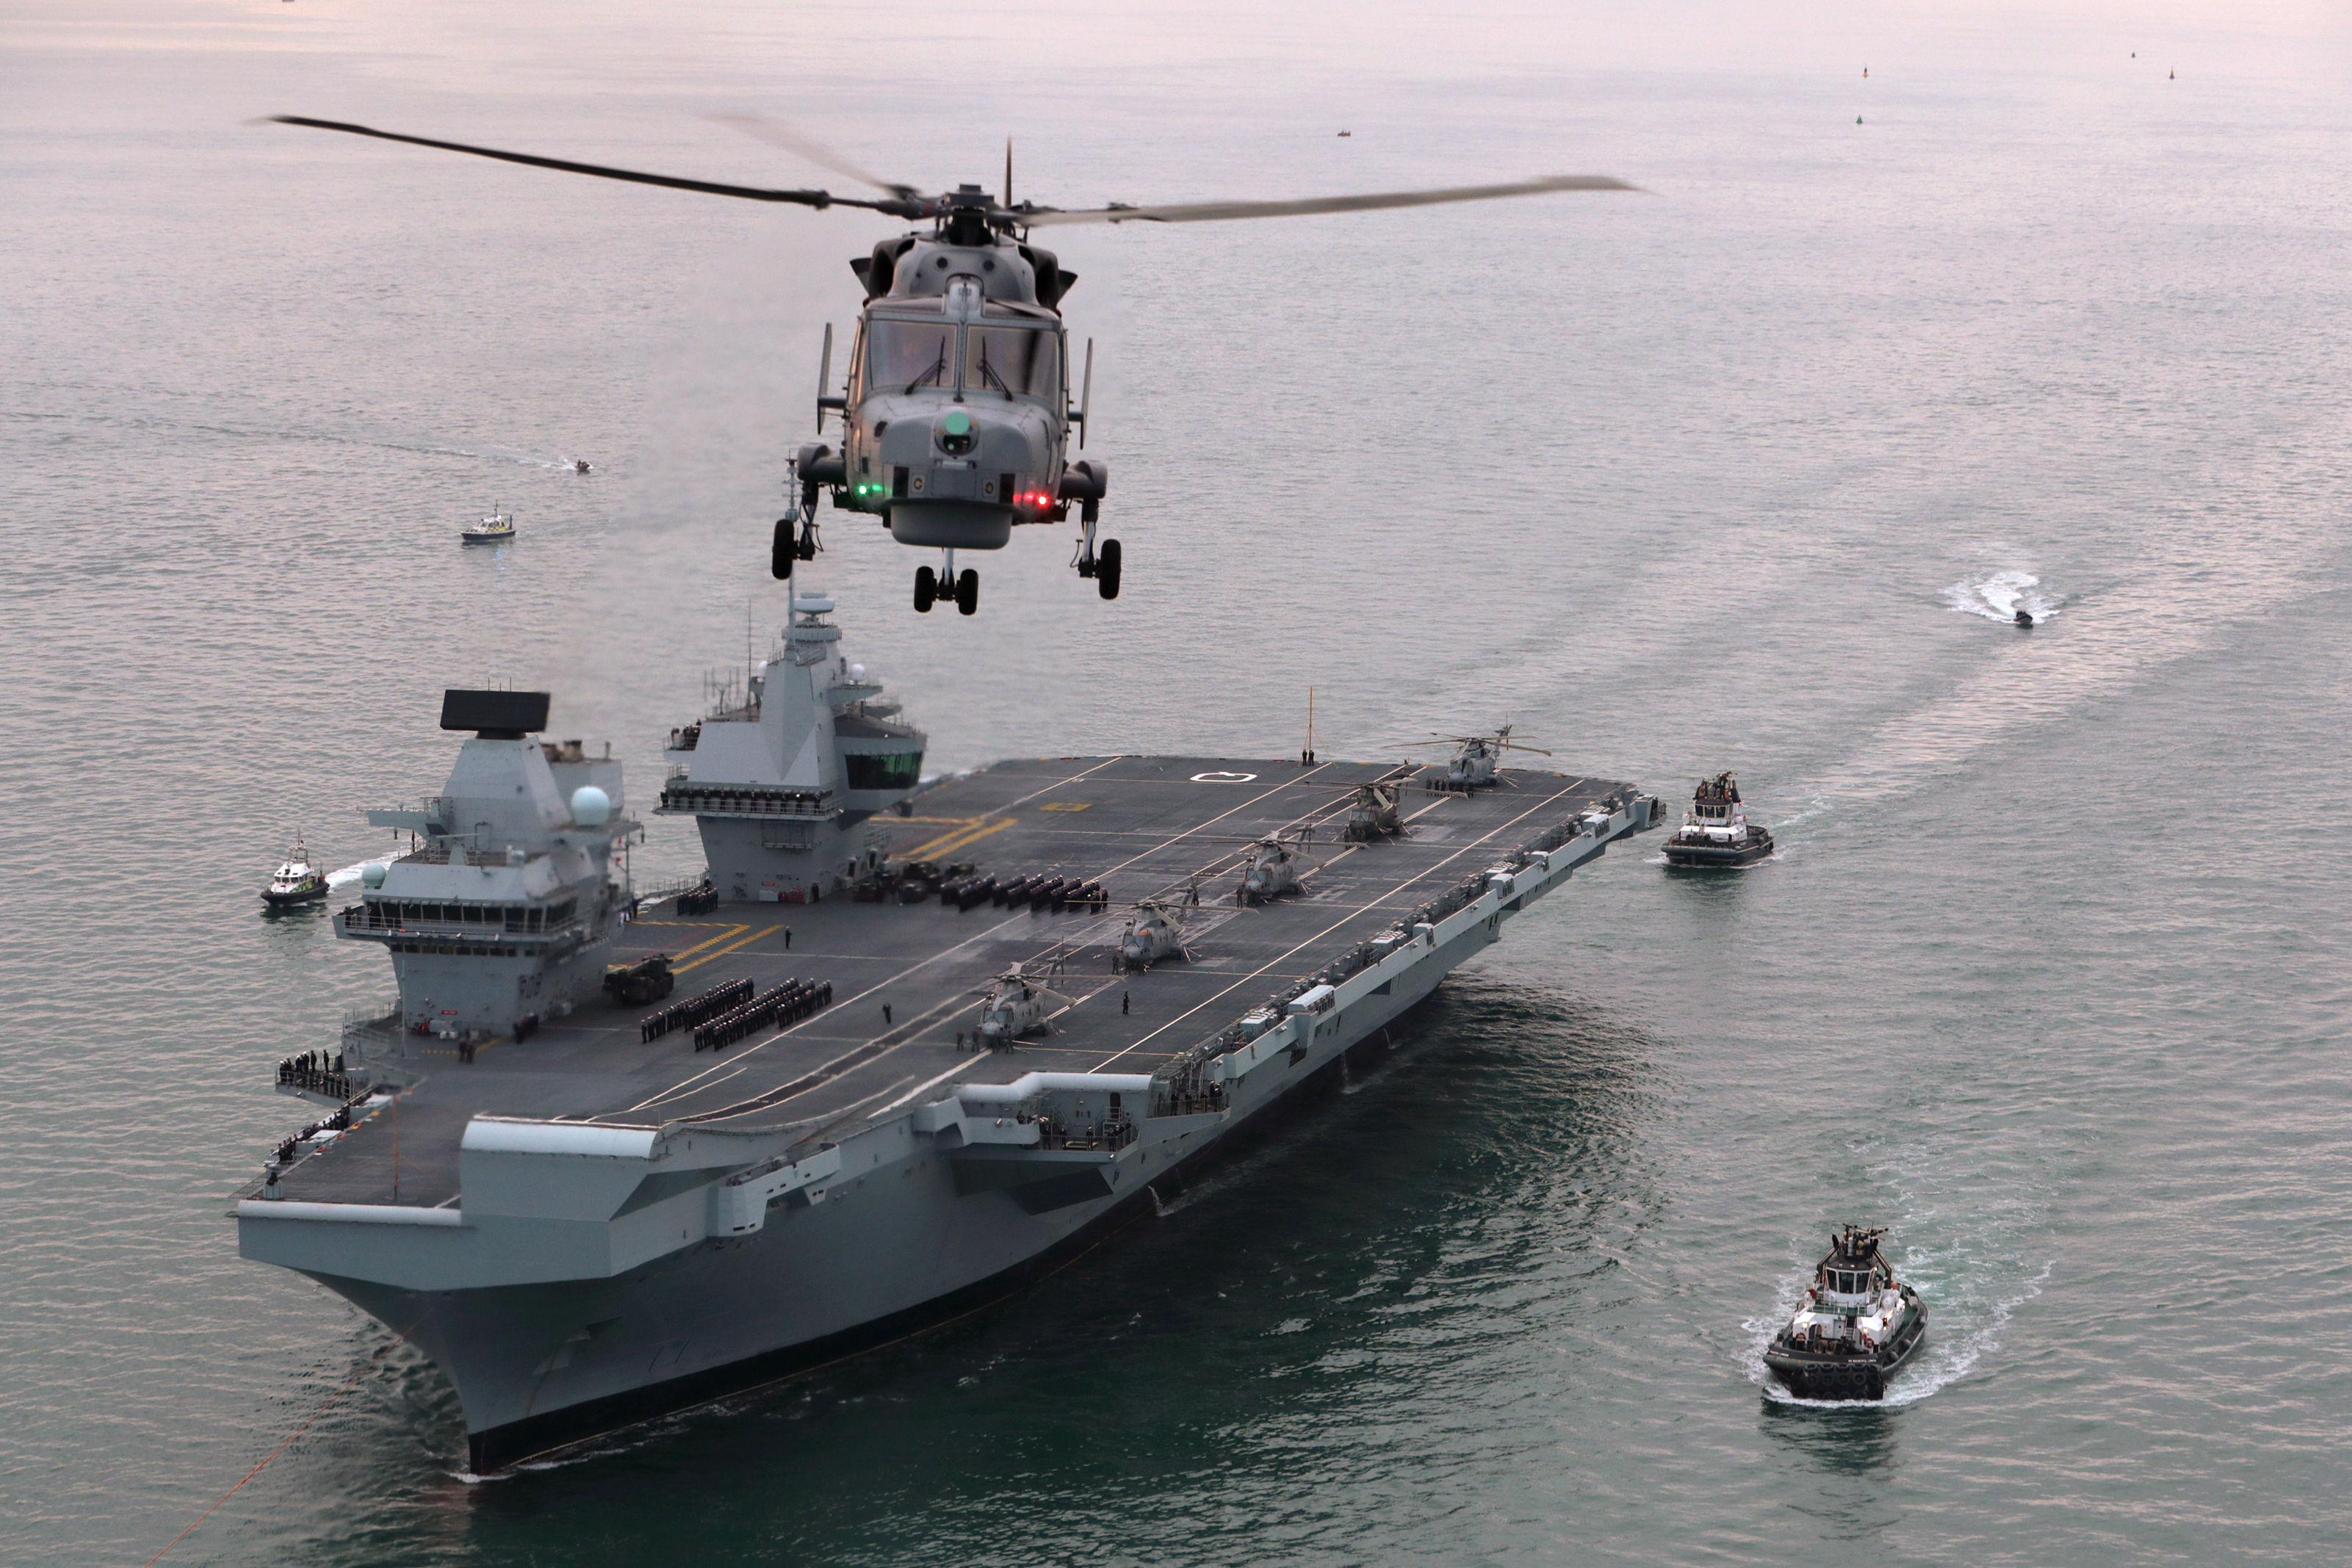 Прибытие нового британского авианосца R 08 Queen Elizabeth в главную военно-морскую базу Королевского флота Портсмут 16.08.2017.